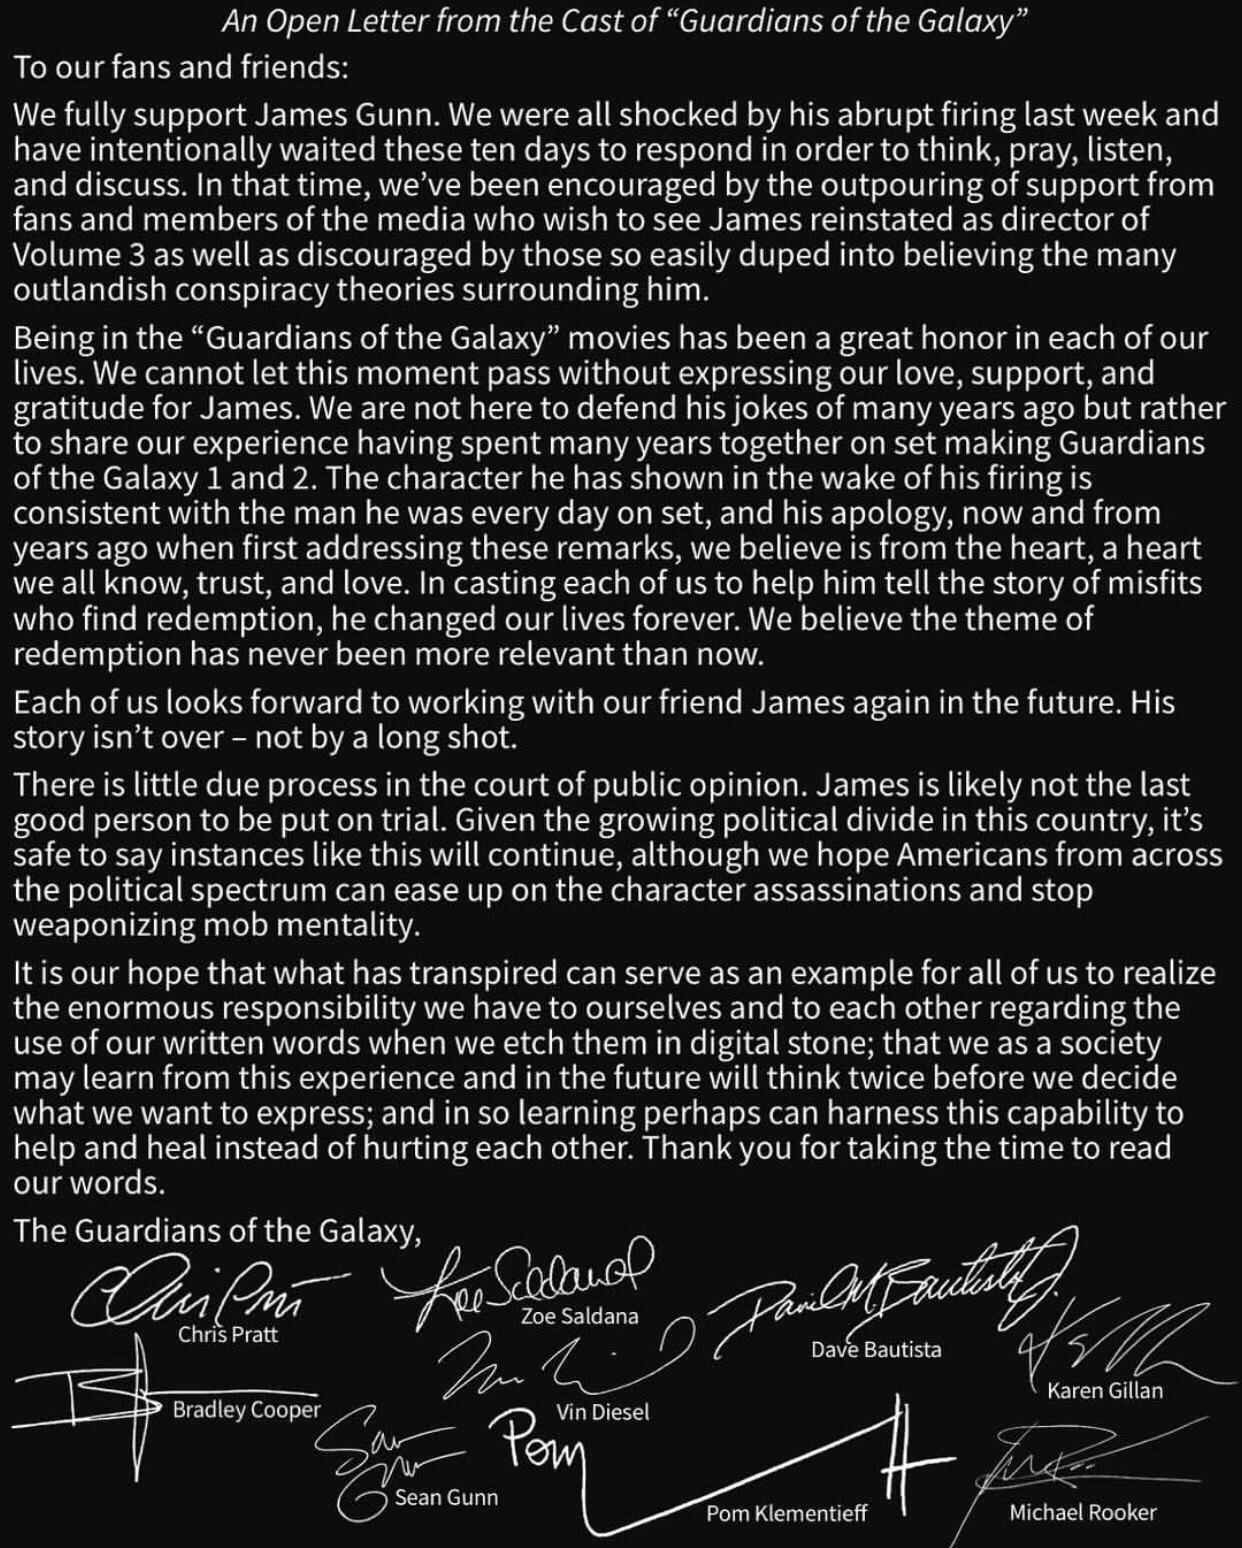 Disney Overweegt Om James Gunn Dan Toch Niet Te Ontslaan